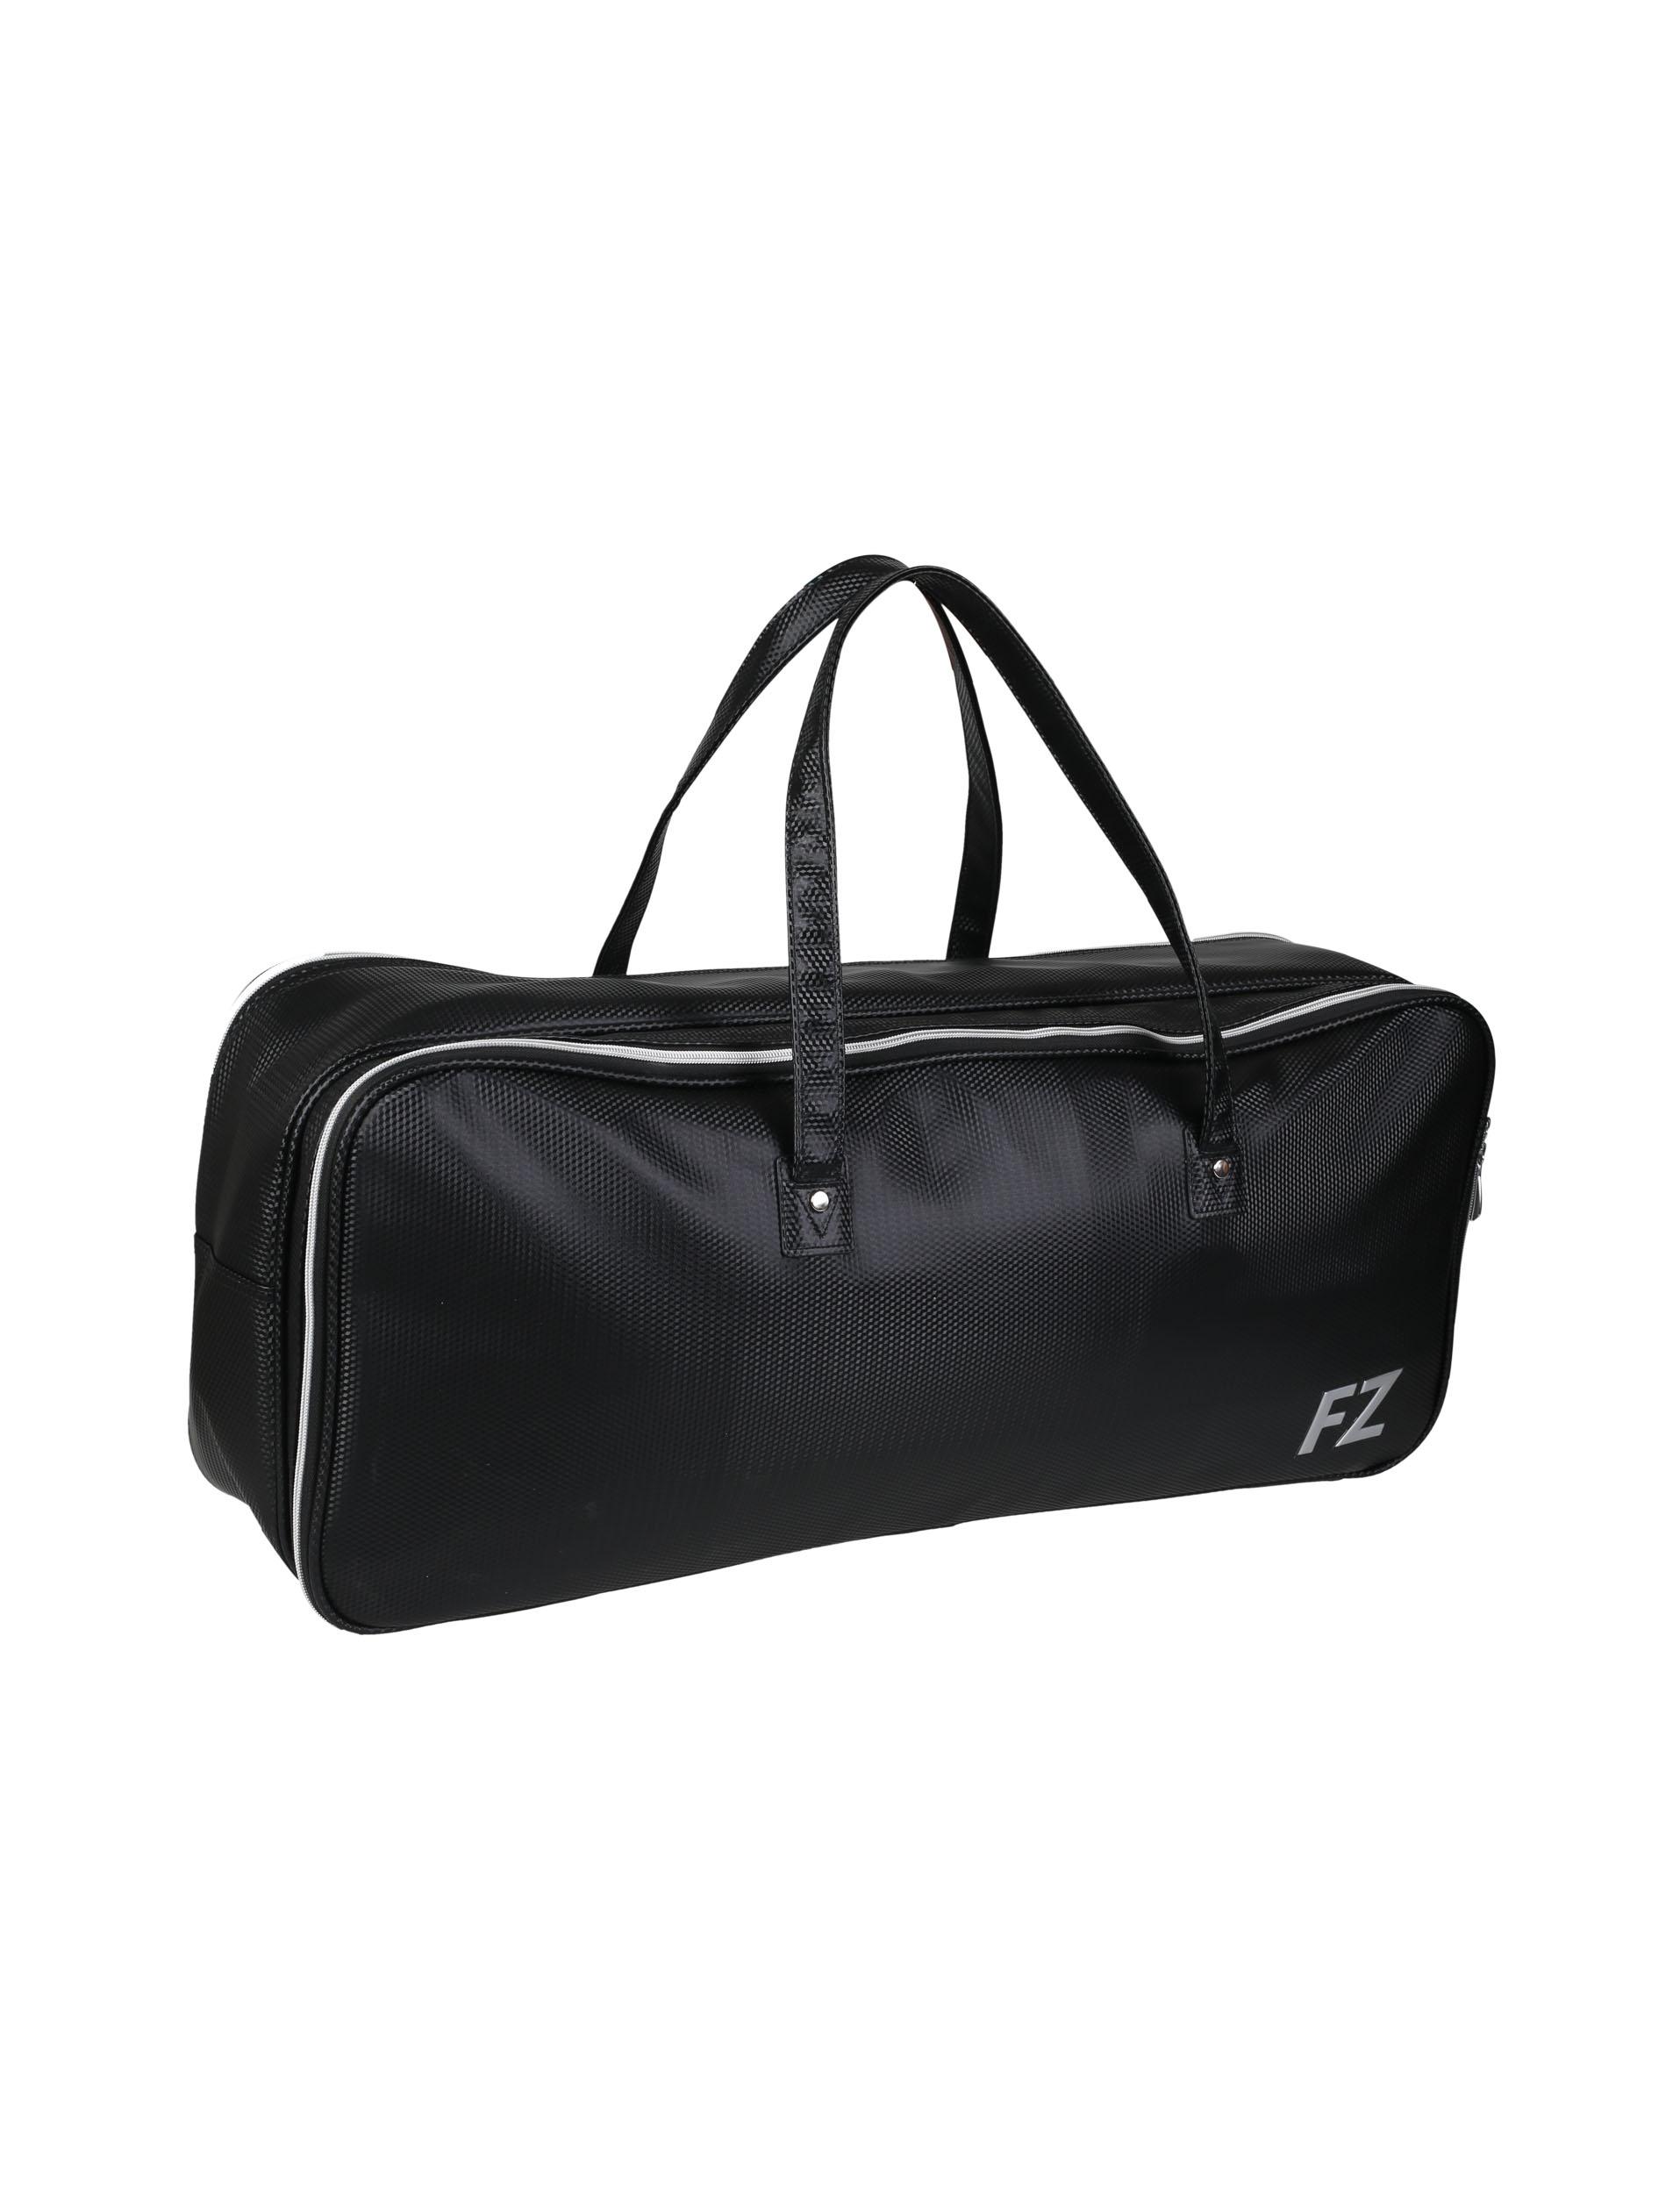 FZ Forza Square Bag